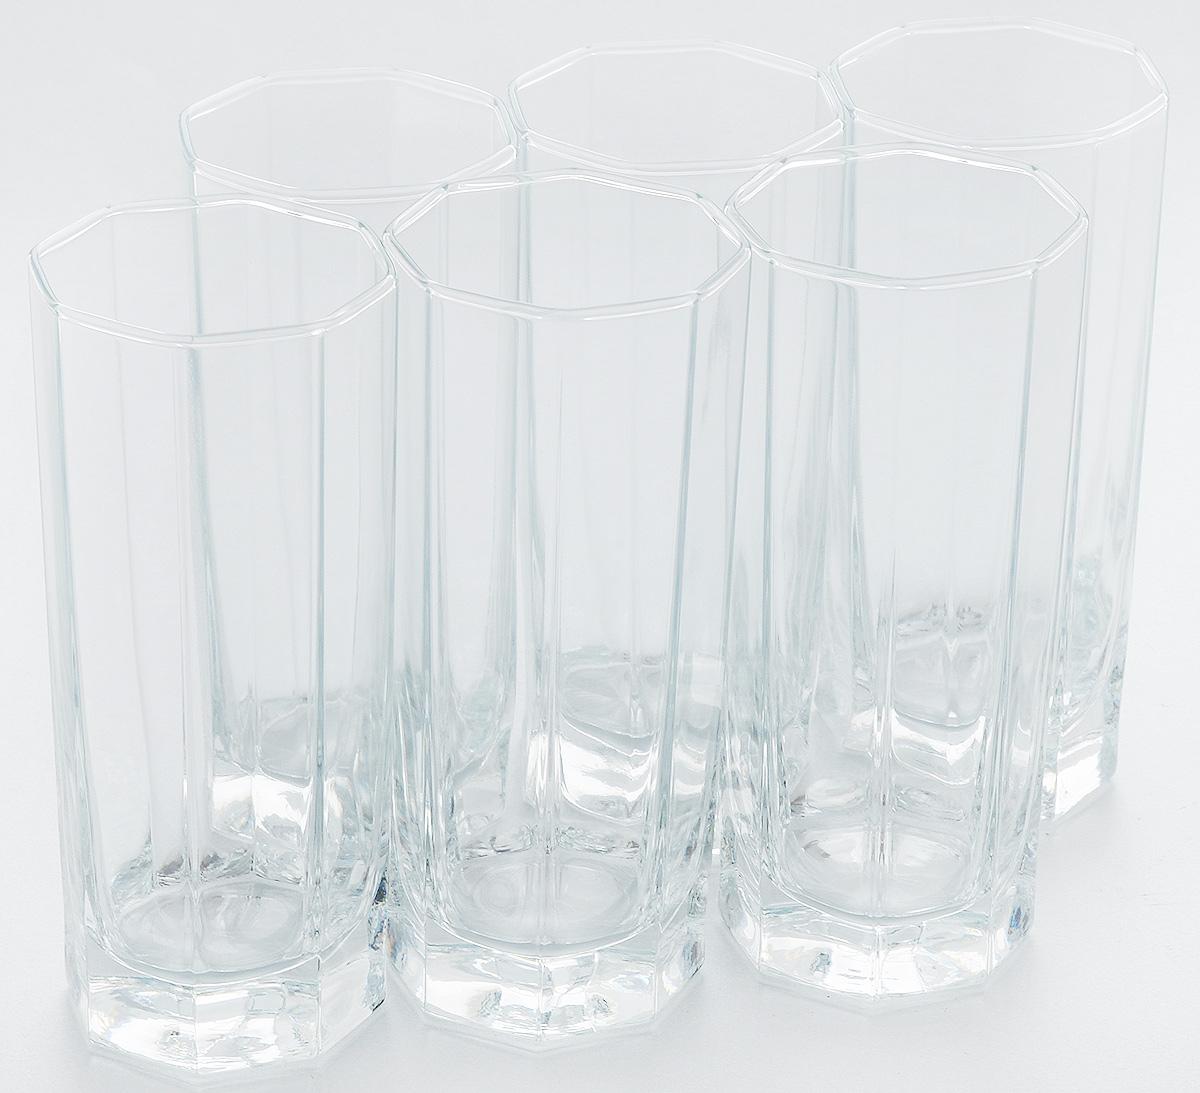 Набор стаканов для коктейлей Pasabahce Kosem, 264 мл, 6 шт42078BНабор Pasabahce, состоящий из шести стаканов, несомненно, придется вам по душе. Стаканы предназначены для подачи коктейлей, сока, воды и других напитков. Они изготовлены из прочного высококачественного прозрачного стекла и сочетают в себе элегантный дизайн и функциональность. Благодаря такому набору пить напитки будет еще вкуснее. Набор стаканов Pasabahce идеально подойдет для сервировки стола и станет отличным подарком к любому празднику. Высота стакана: 14 см.